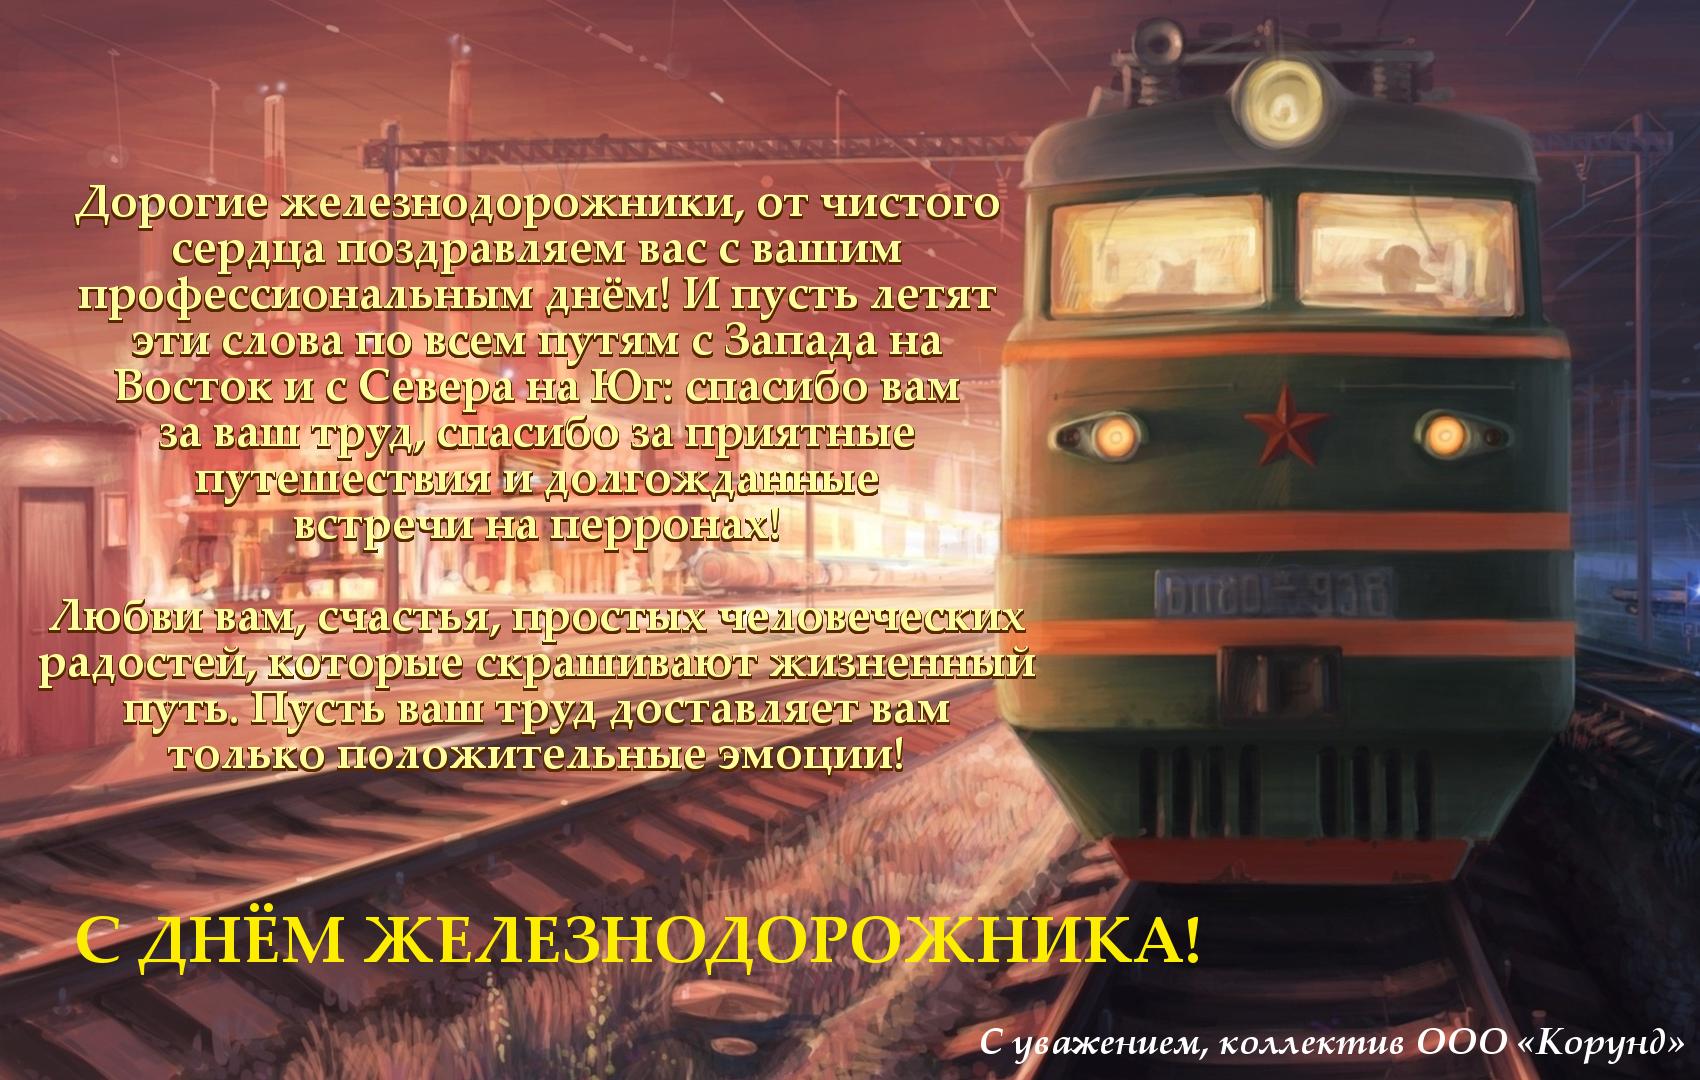 Днем, с днем железнодорожника поздравления картинки прикольные для поднятия настроения